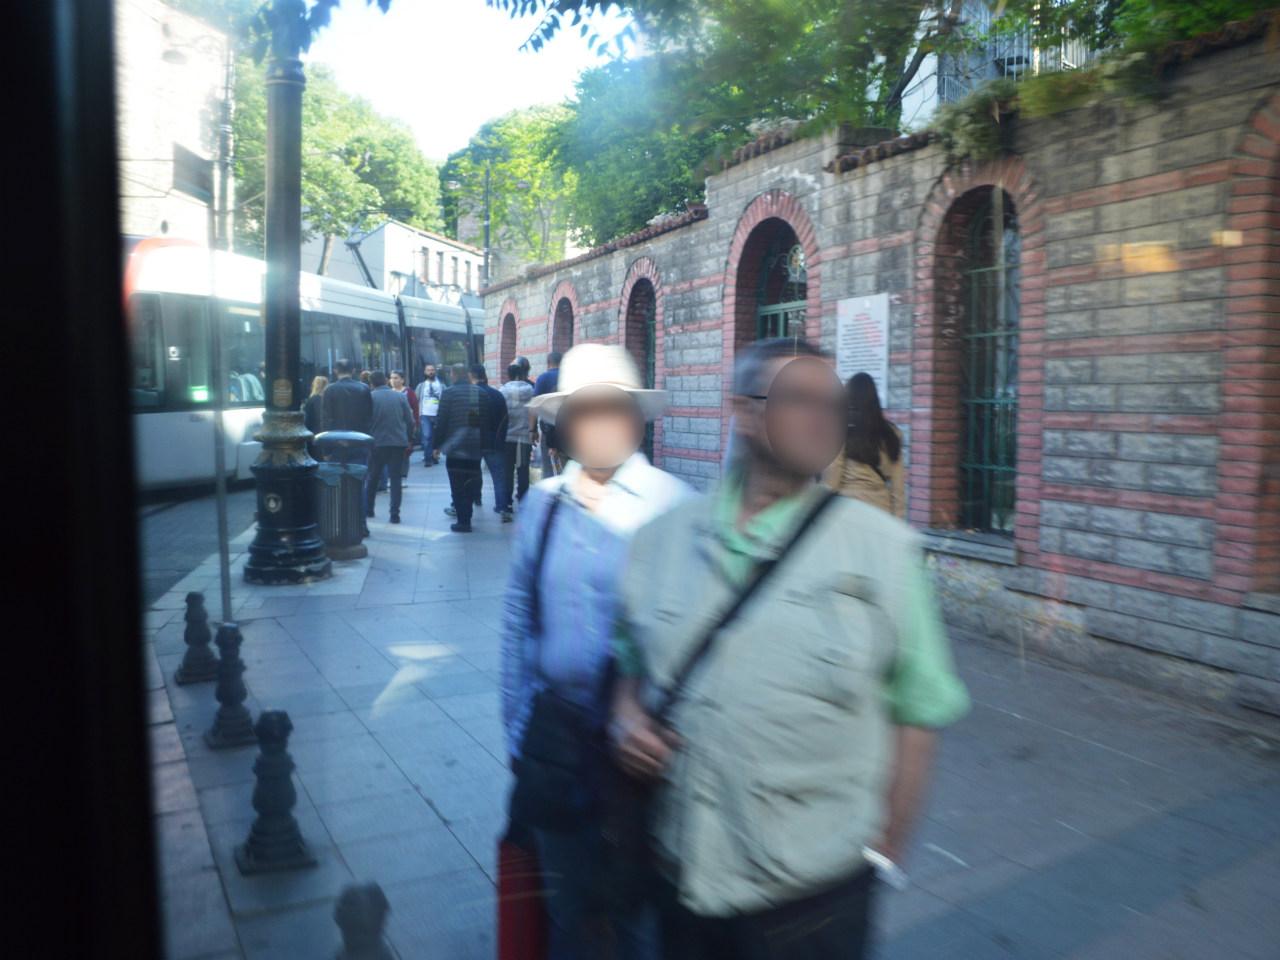 イスタンブールのトラムは歩道ギリギリを走る